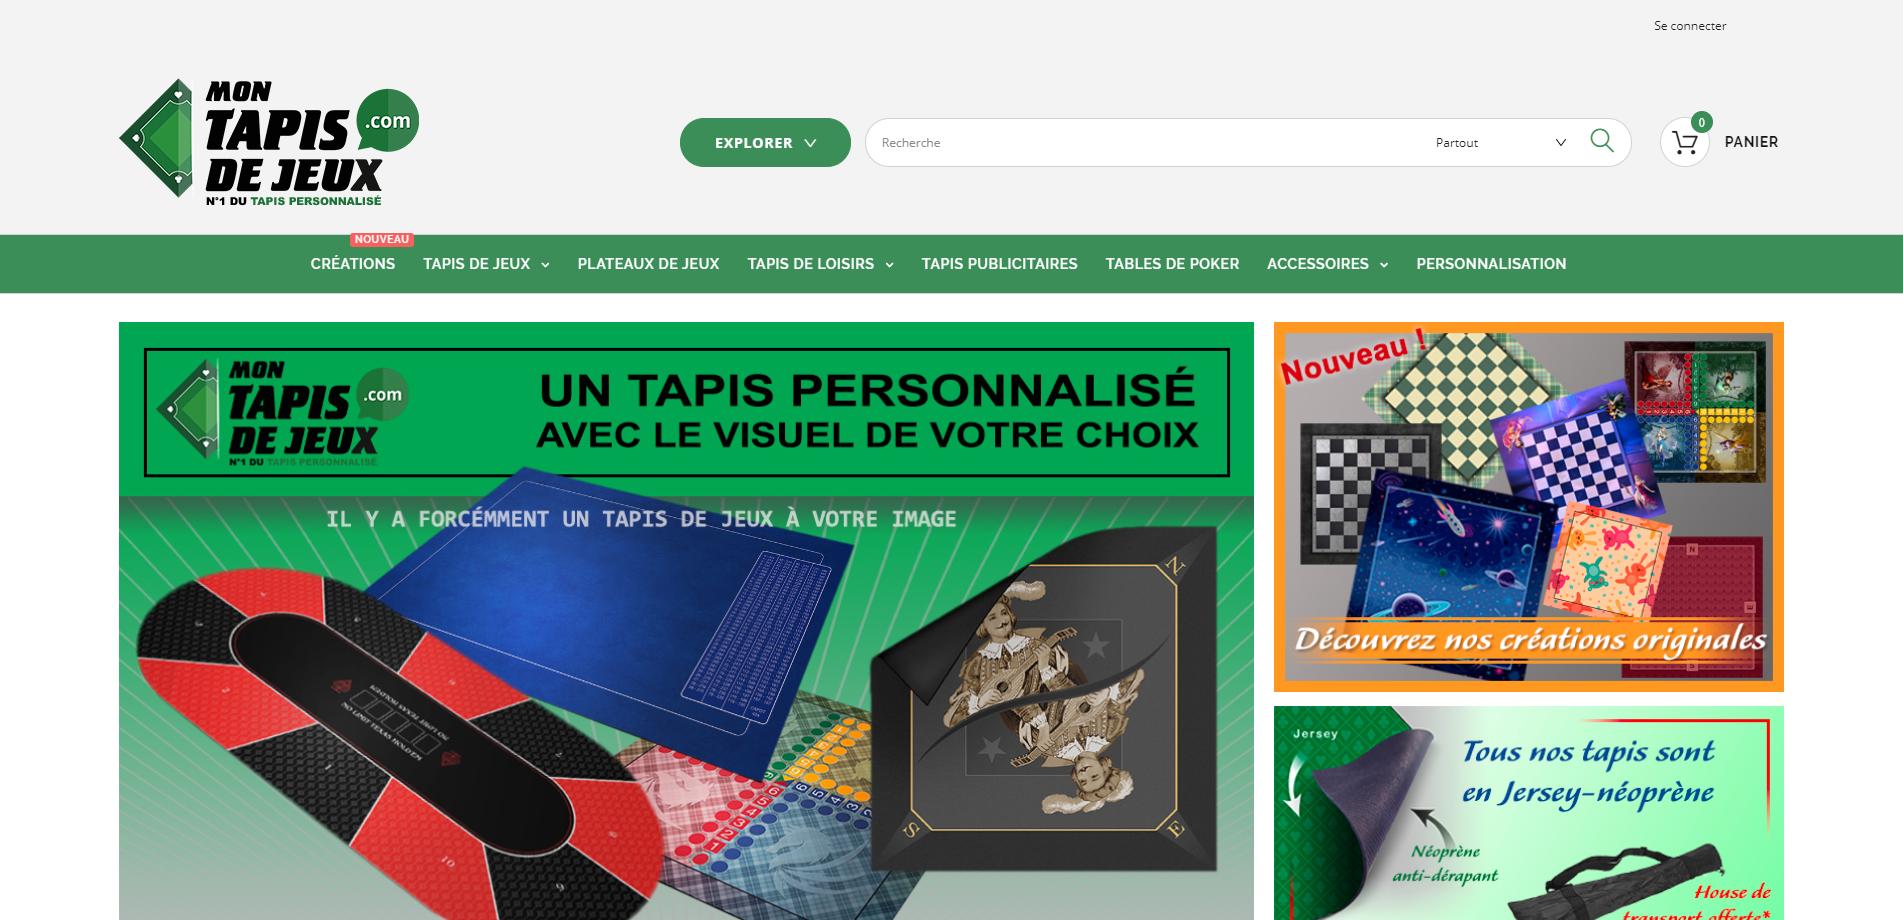 Montapisdejeux_com_N°1_des_tapis_personn